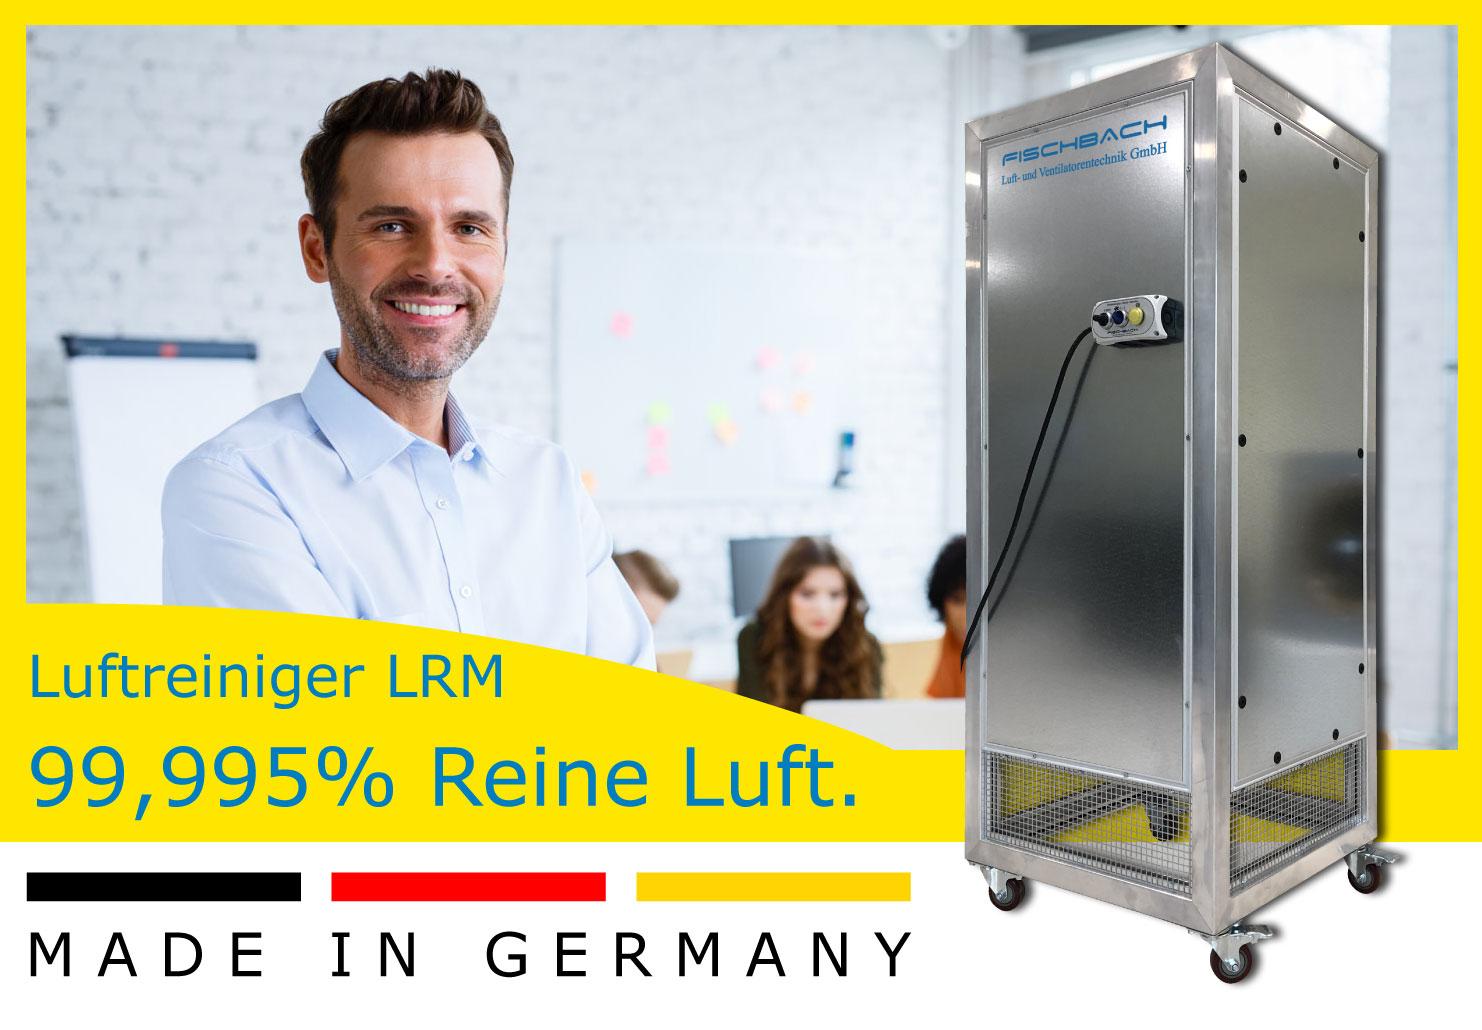 Fischbach Luftreiniger LRM - 99,995% Lufreinigung